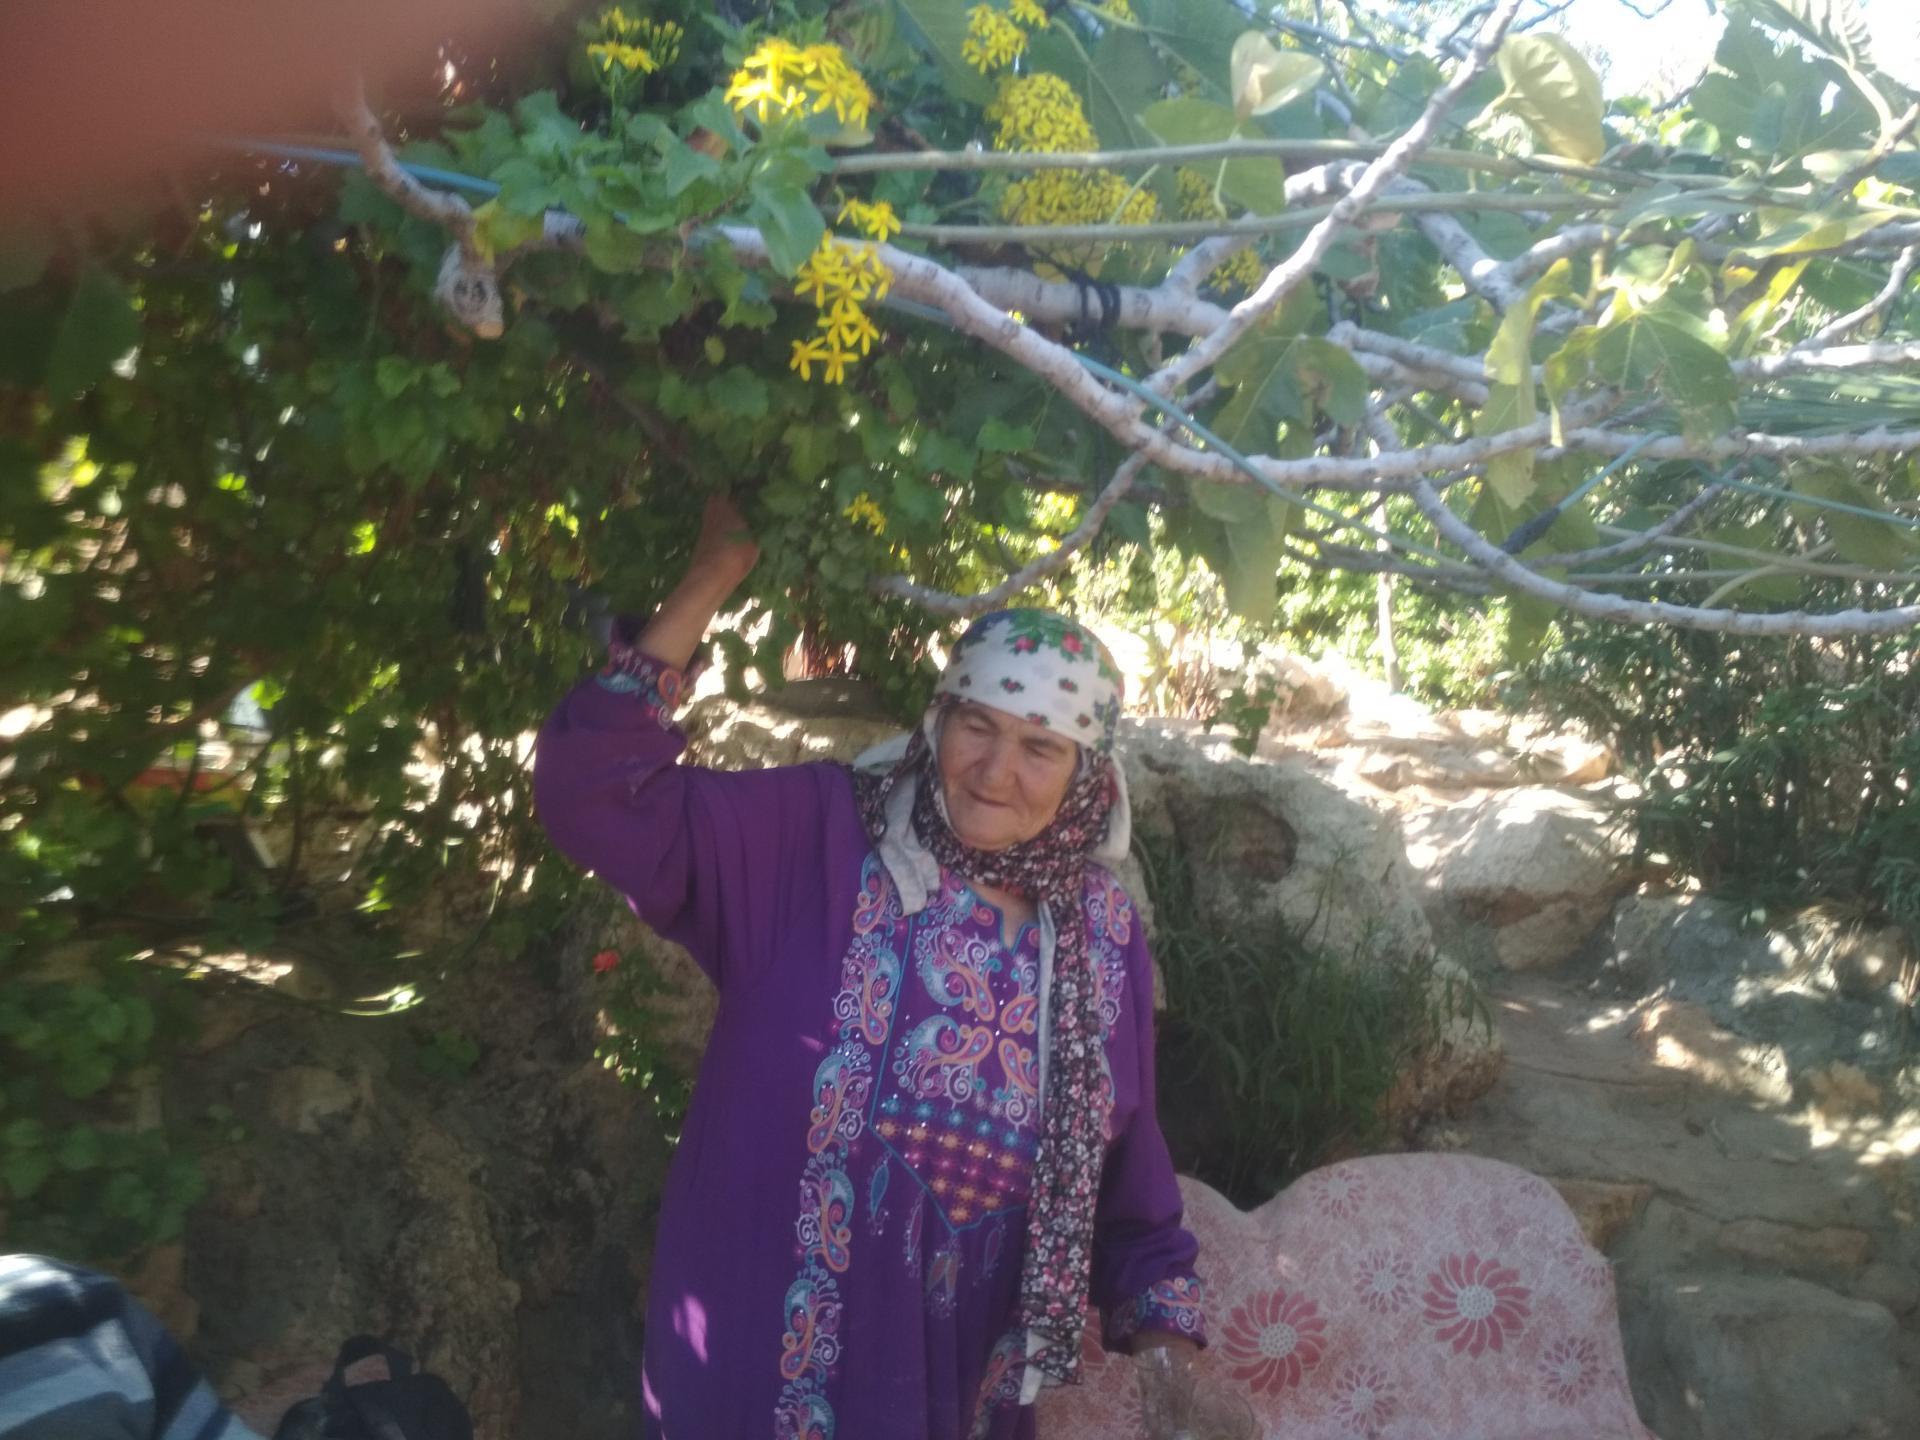 בקעת הירדן: הסבתא סלמה למשפחת דרגמה בגינה הירוקה שלה